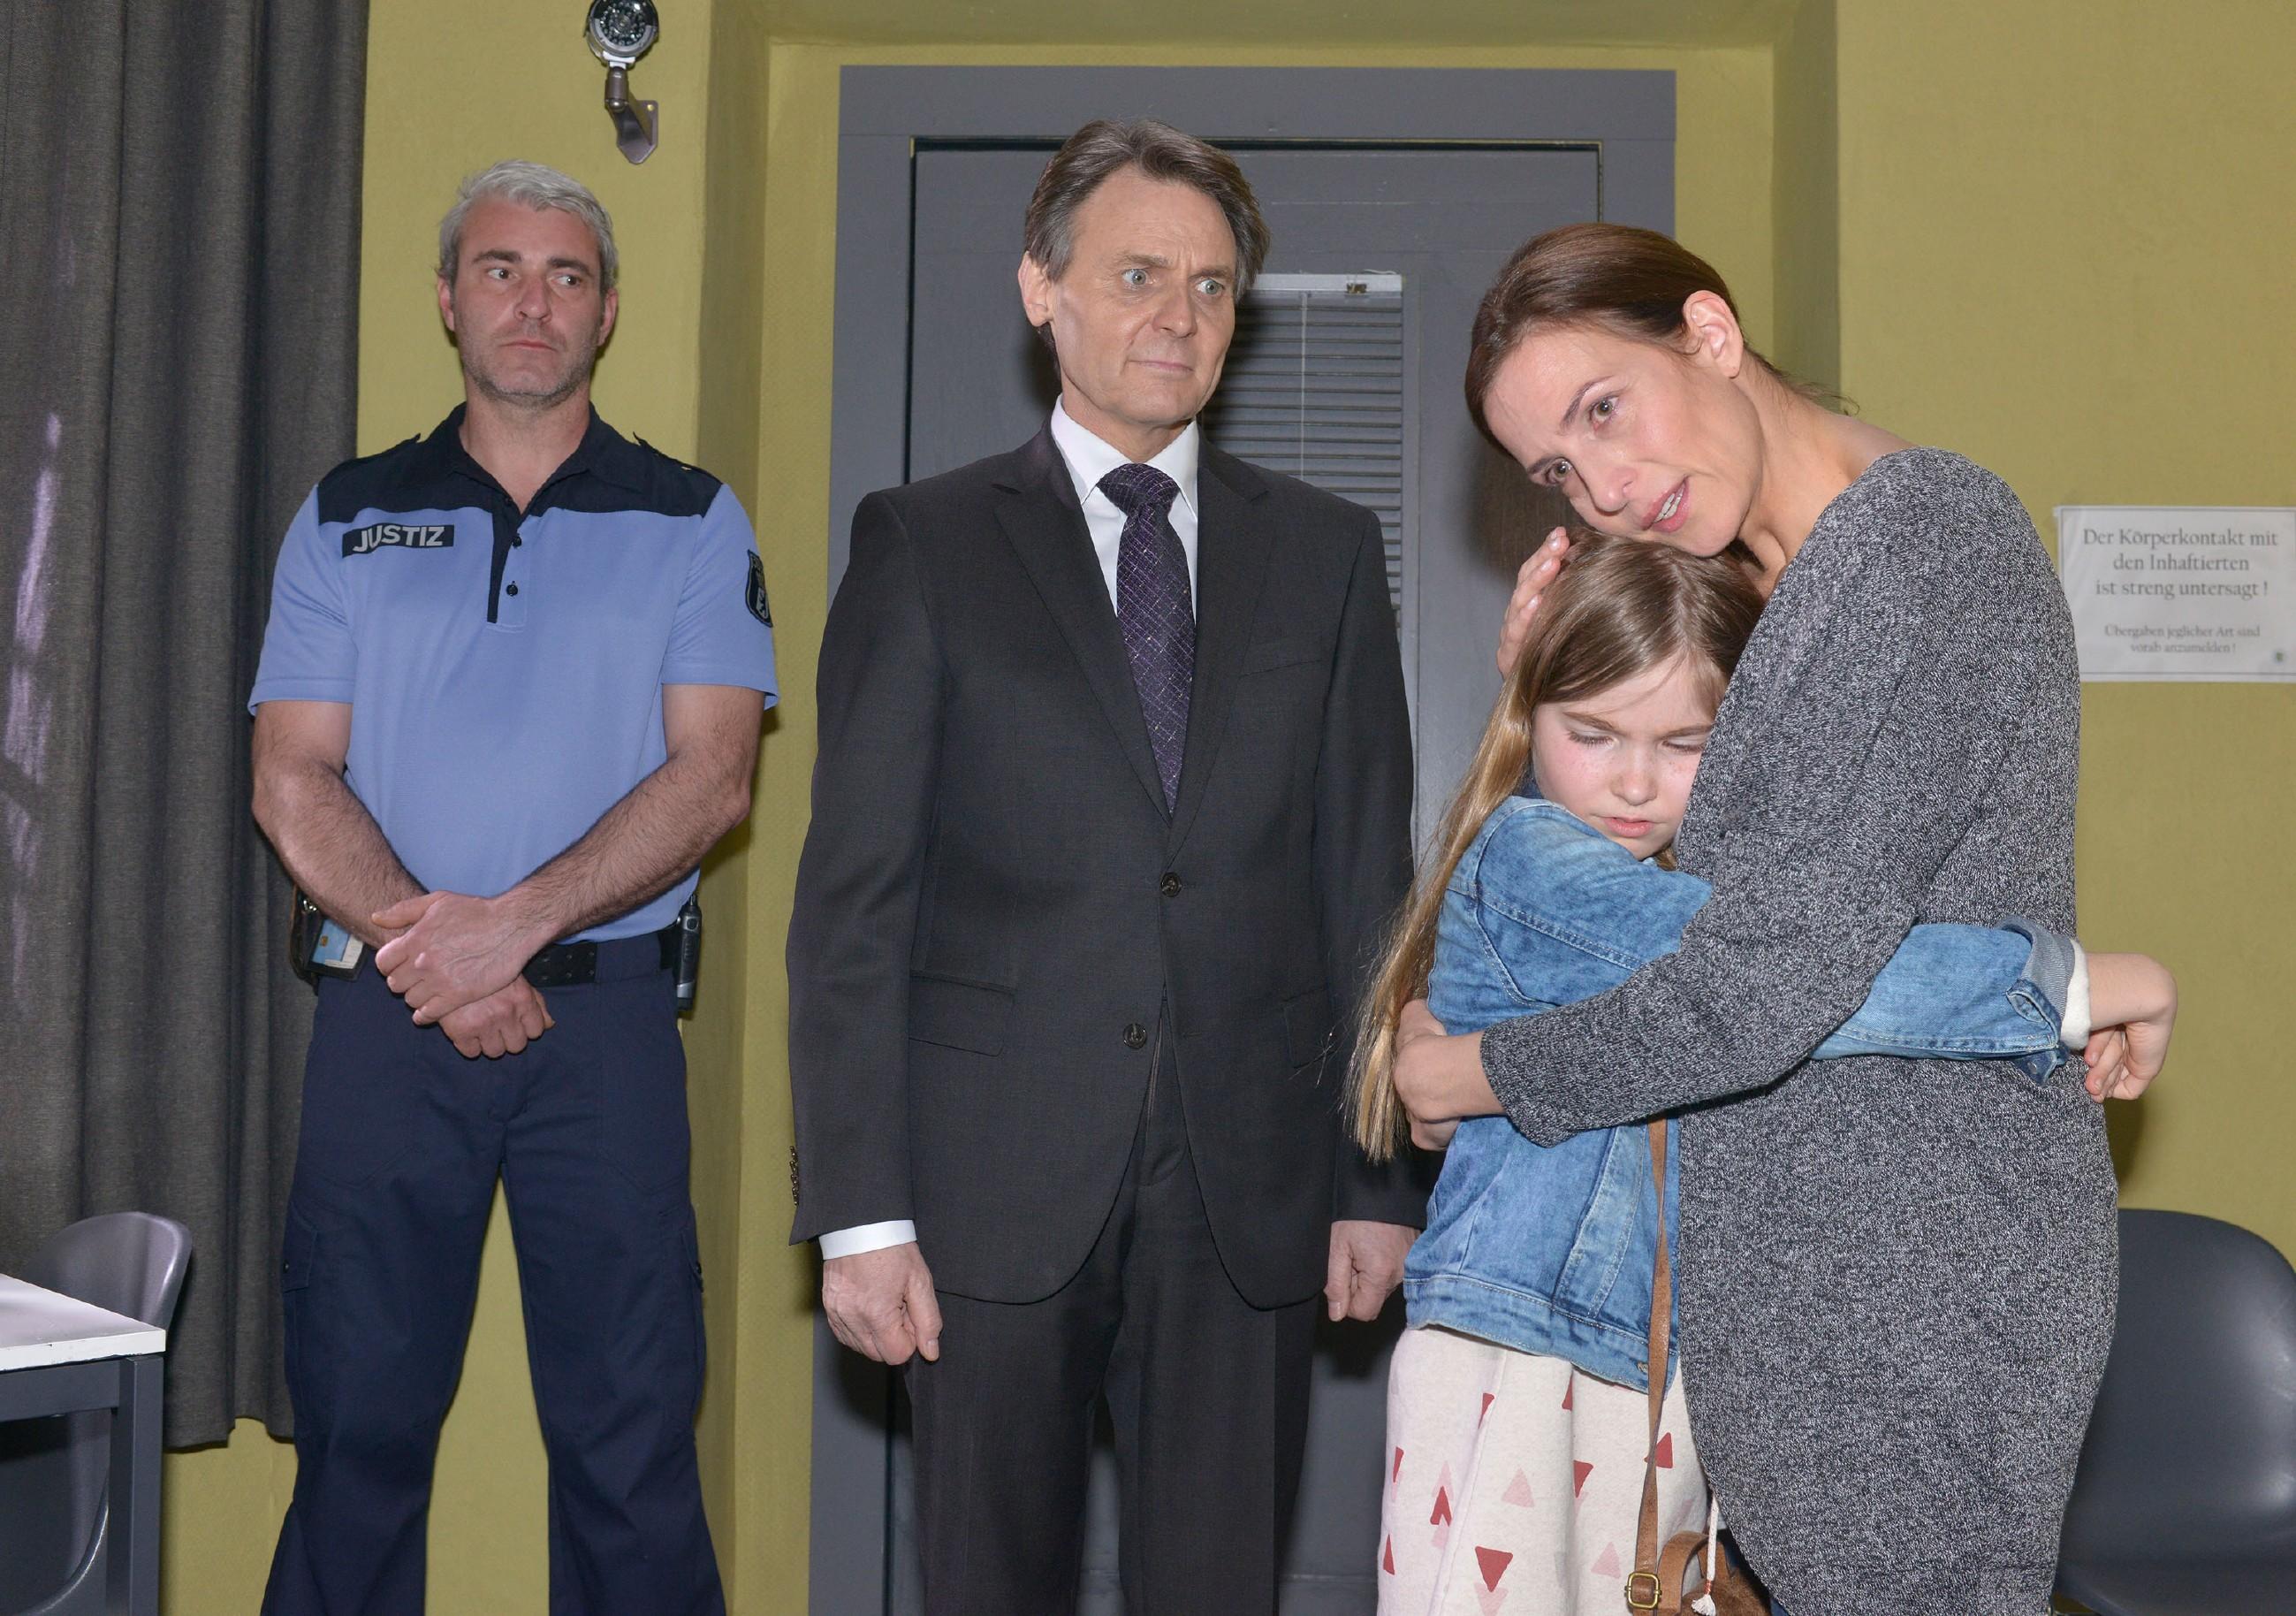 Katrin (Ulrike Frank, r.) bricht es fast das Herz, als Gerner (Wolfgang Bahro) ihre Tochter Johanna zu einem Besuch ins Gefängnis mitbringt (l. Komparse). (Quelle: RTL / Rolf Baumgartner)